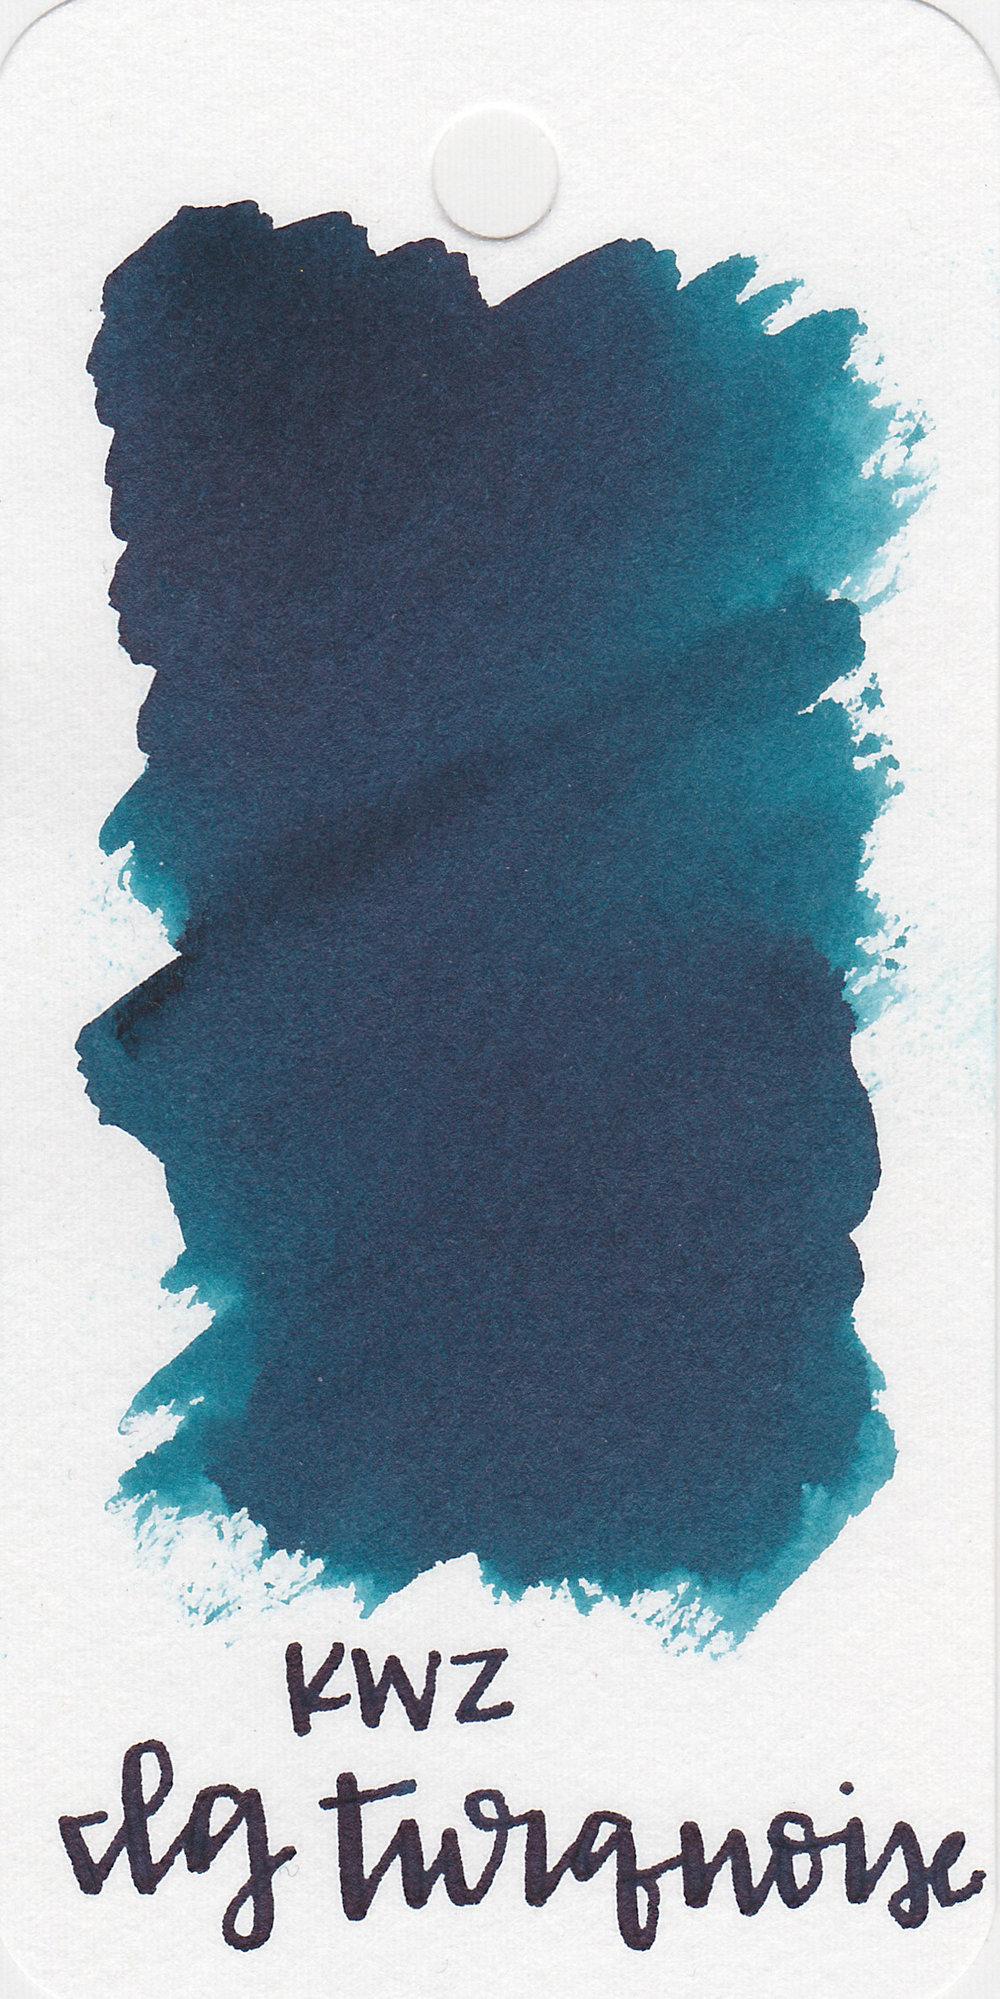 kwz-ig-turquoise-1.jpg